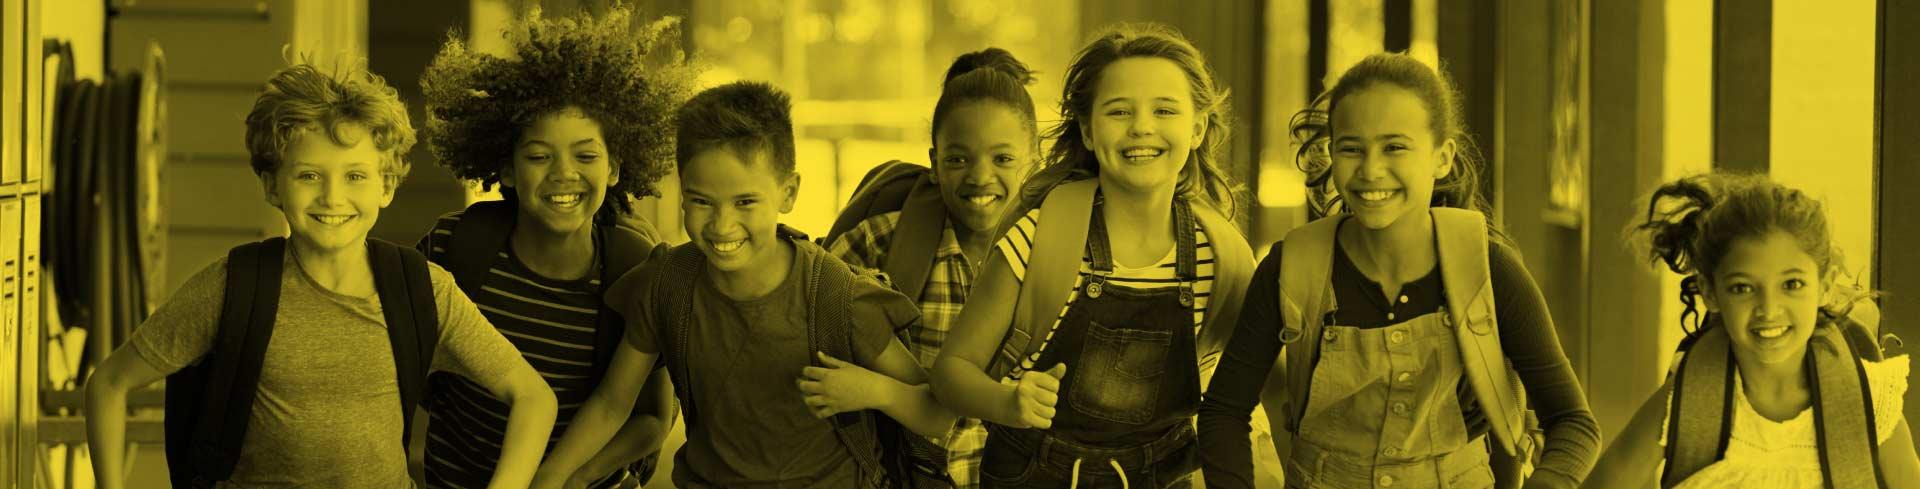 Ley de Convivencia escolar: Alcances y Retos